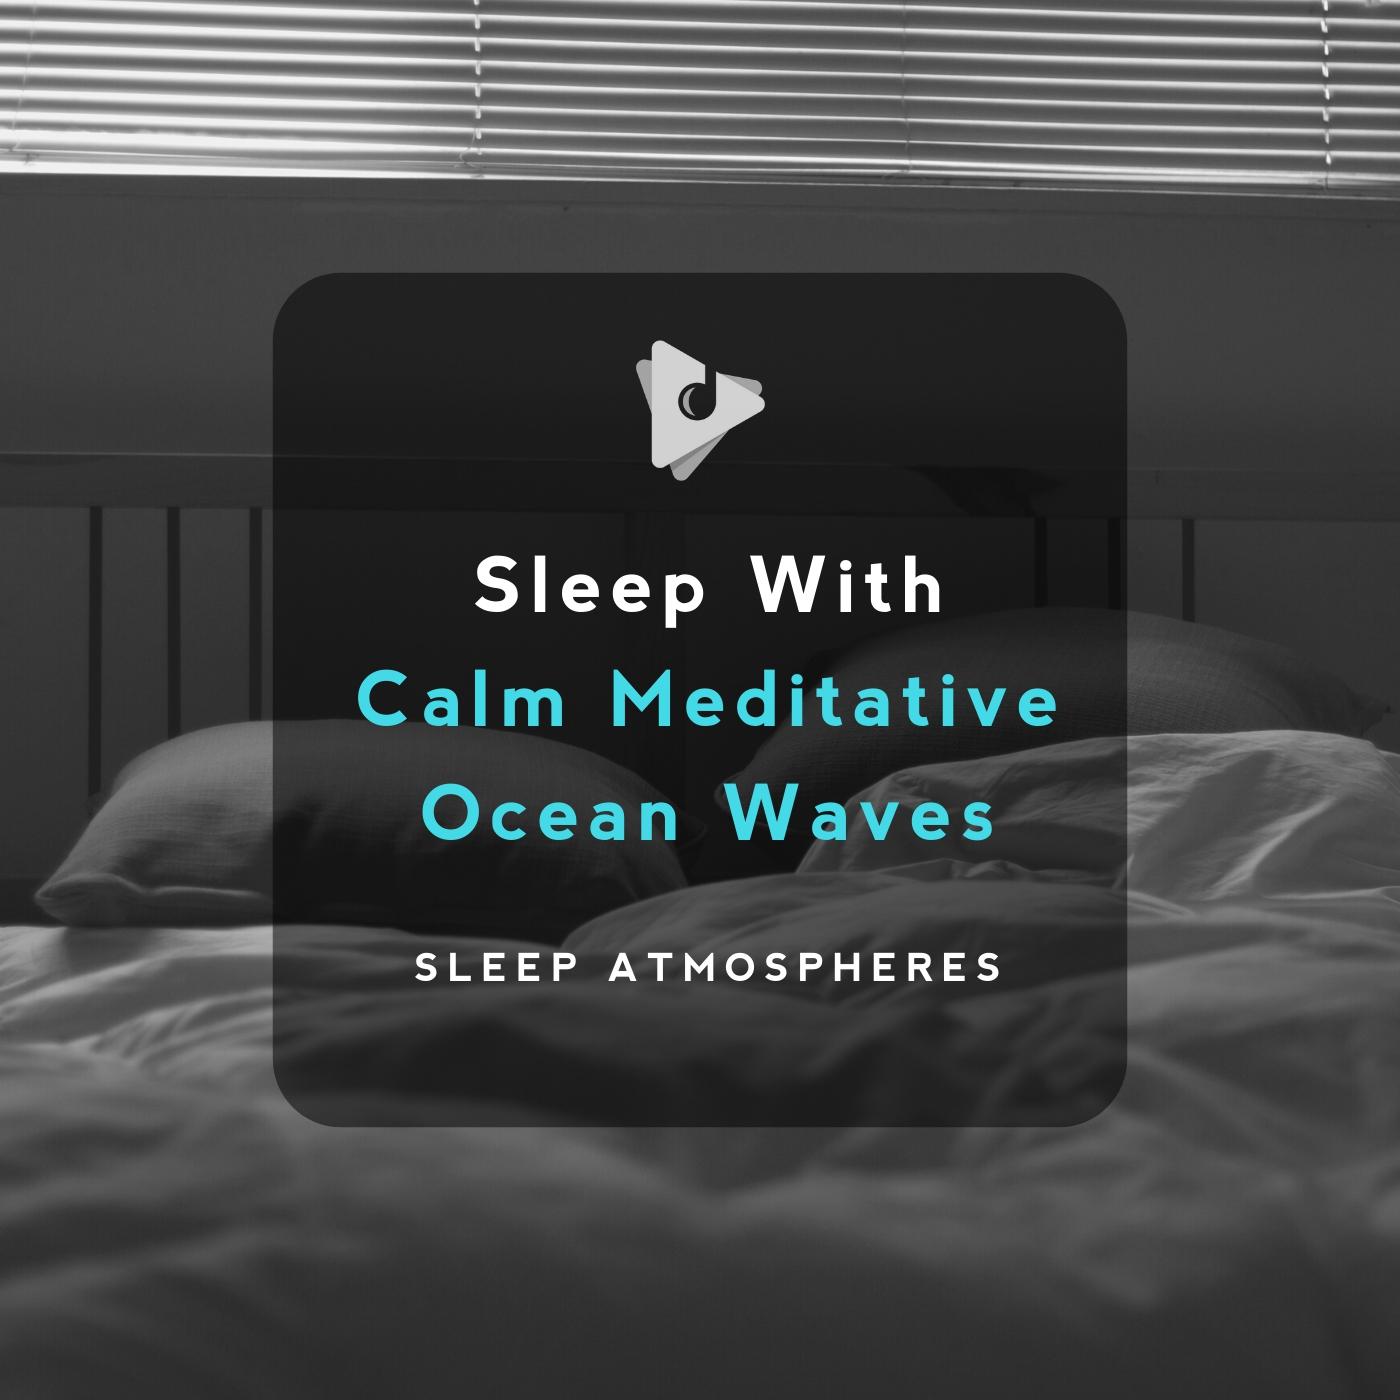 Sleep With Calm Meditative Ocean Waves